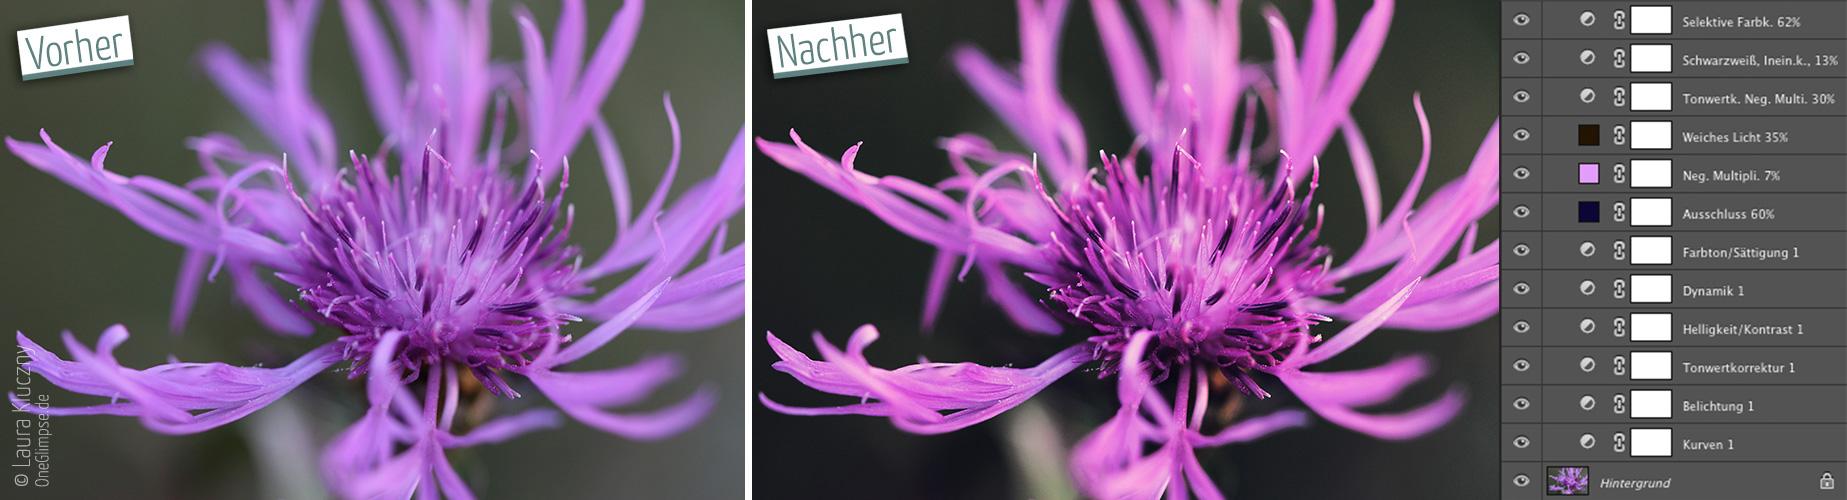 Vorher-Nachher: Die Blüte wurde mehr in Szene gesetzt